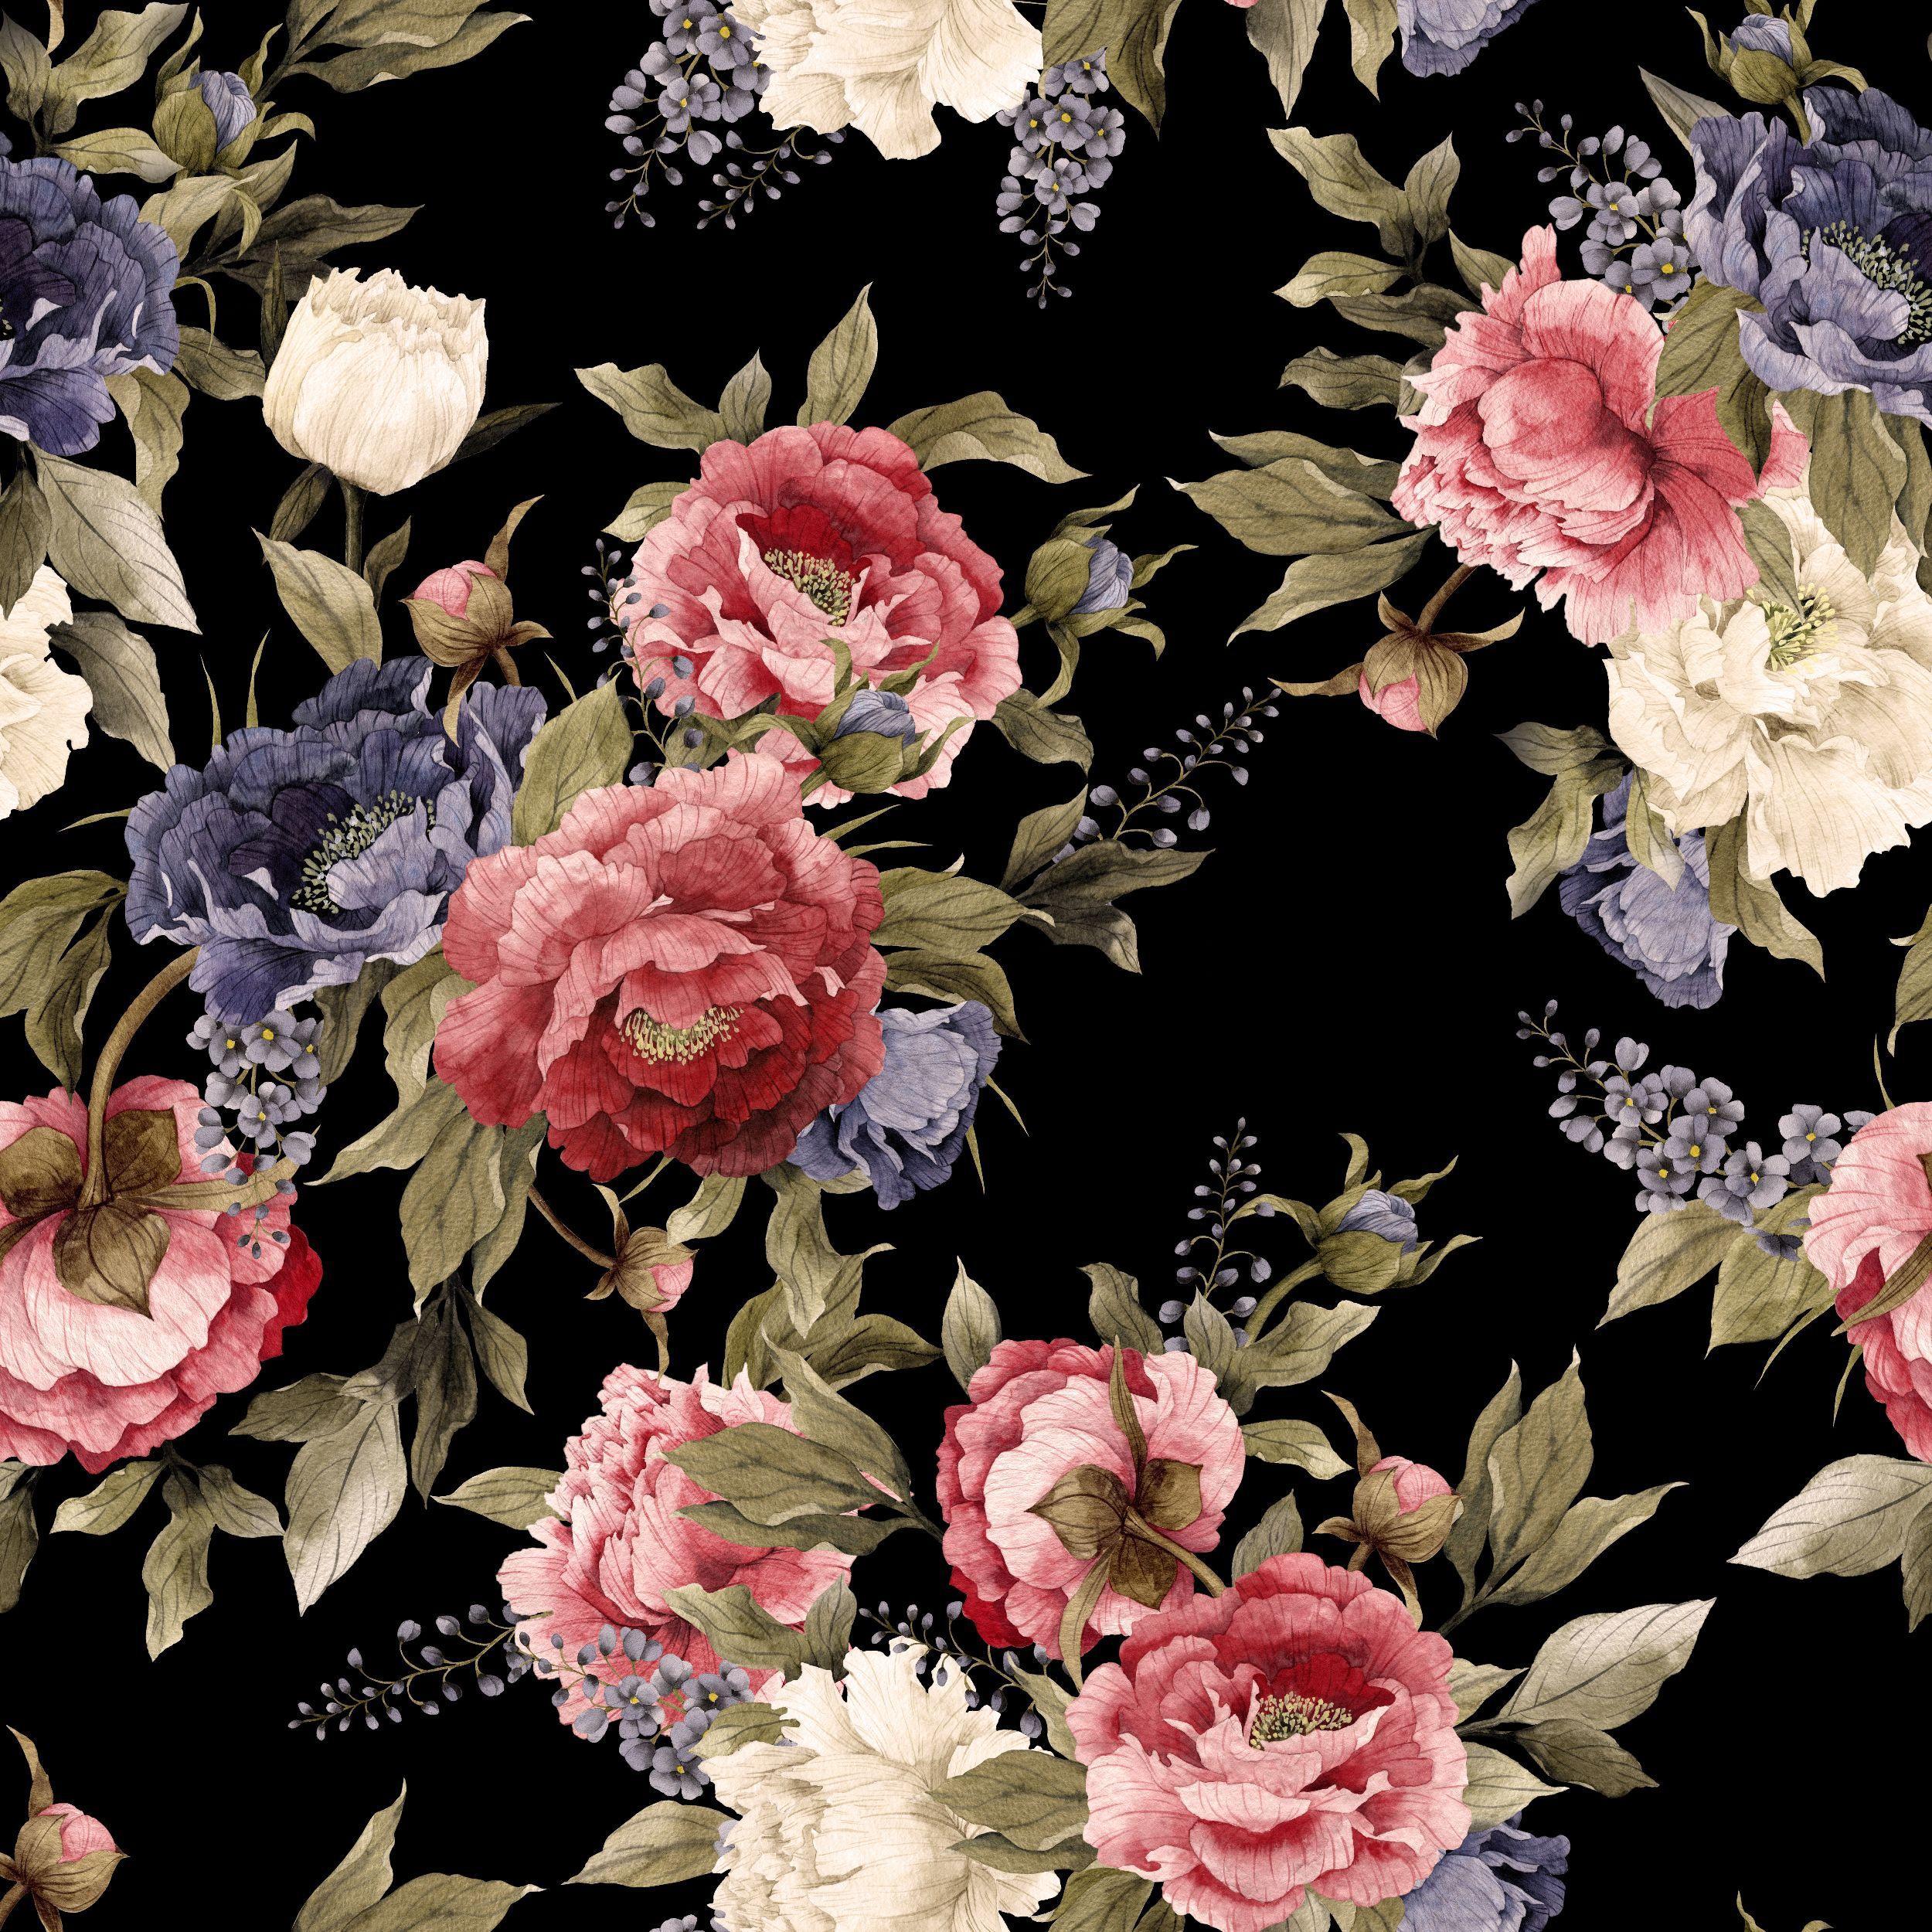 Красивые открытки с добрым утром друзья с цветами с пожеланиями свой гражданский